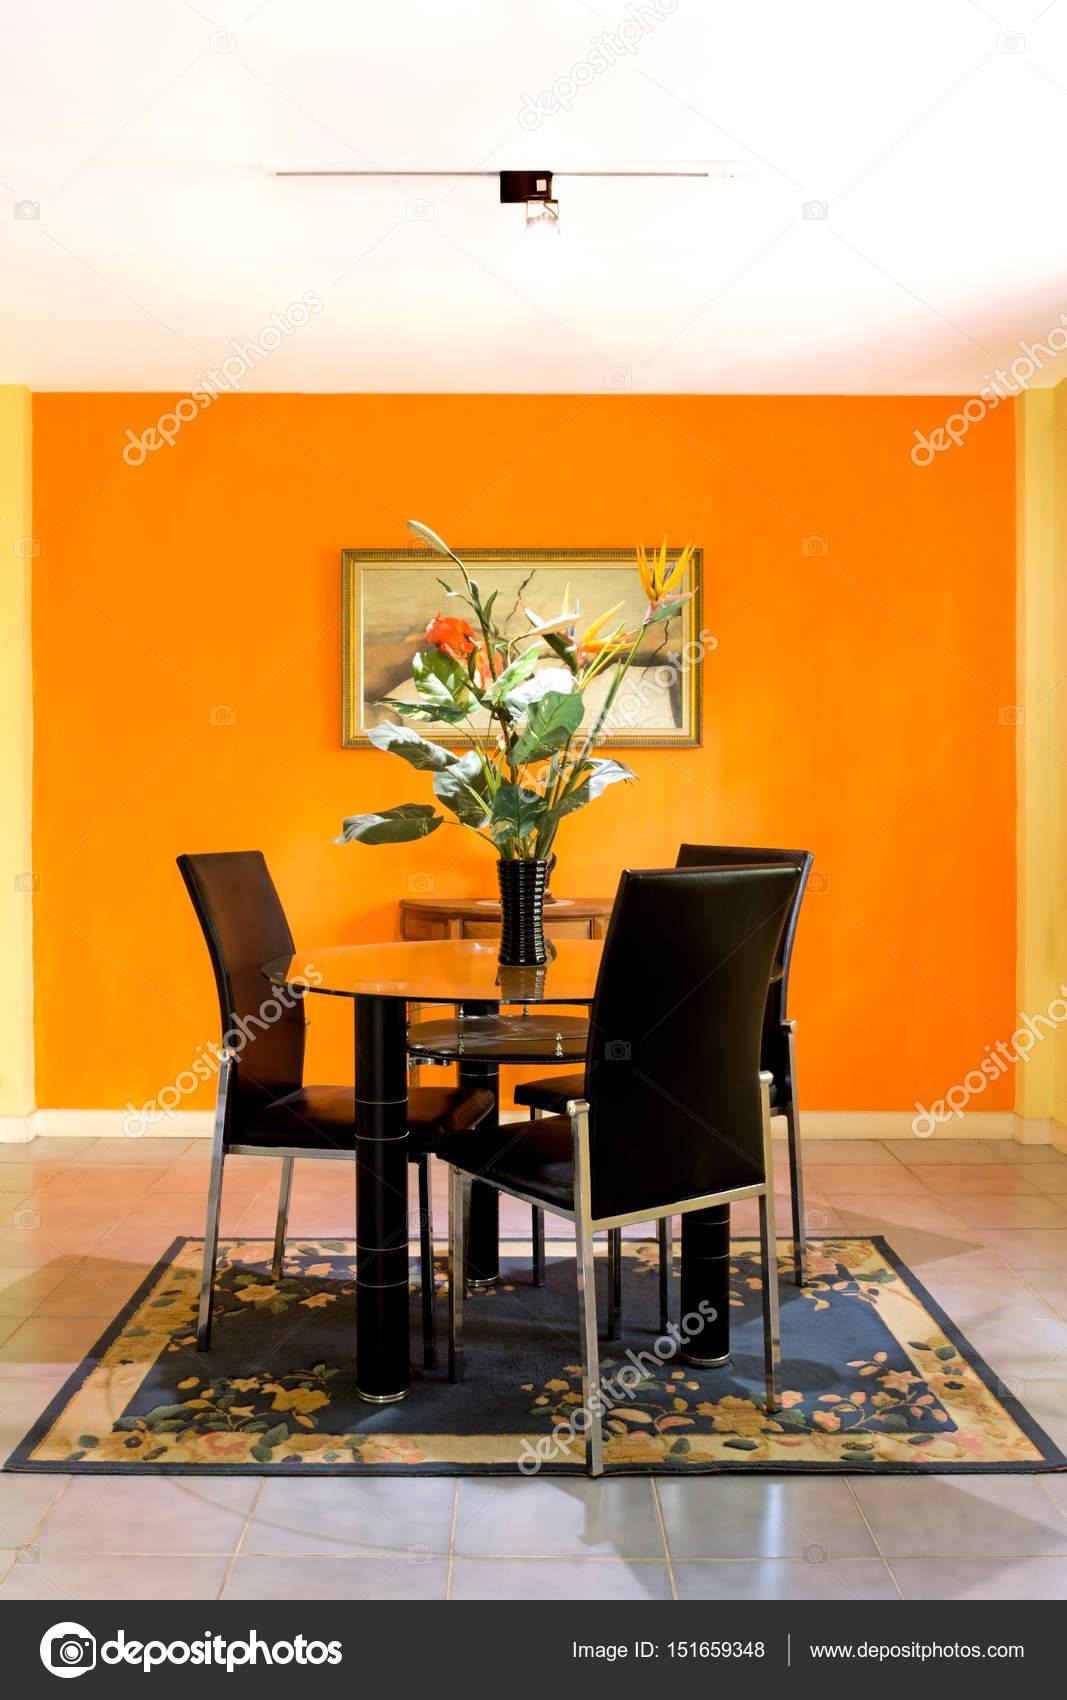 comedor sobre fondo de pared naranja — Fotos de Stock © princeoflove ...